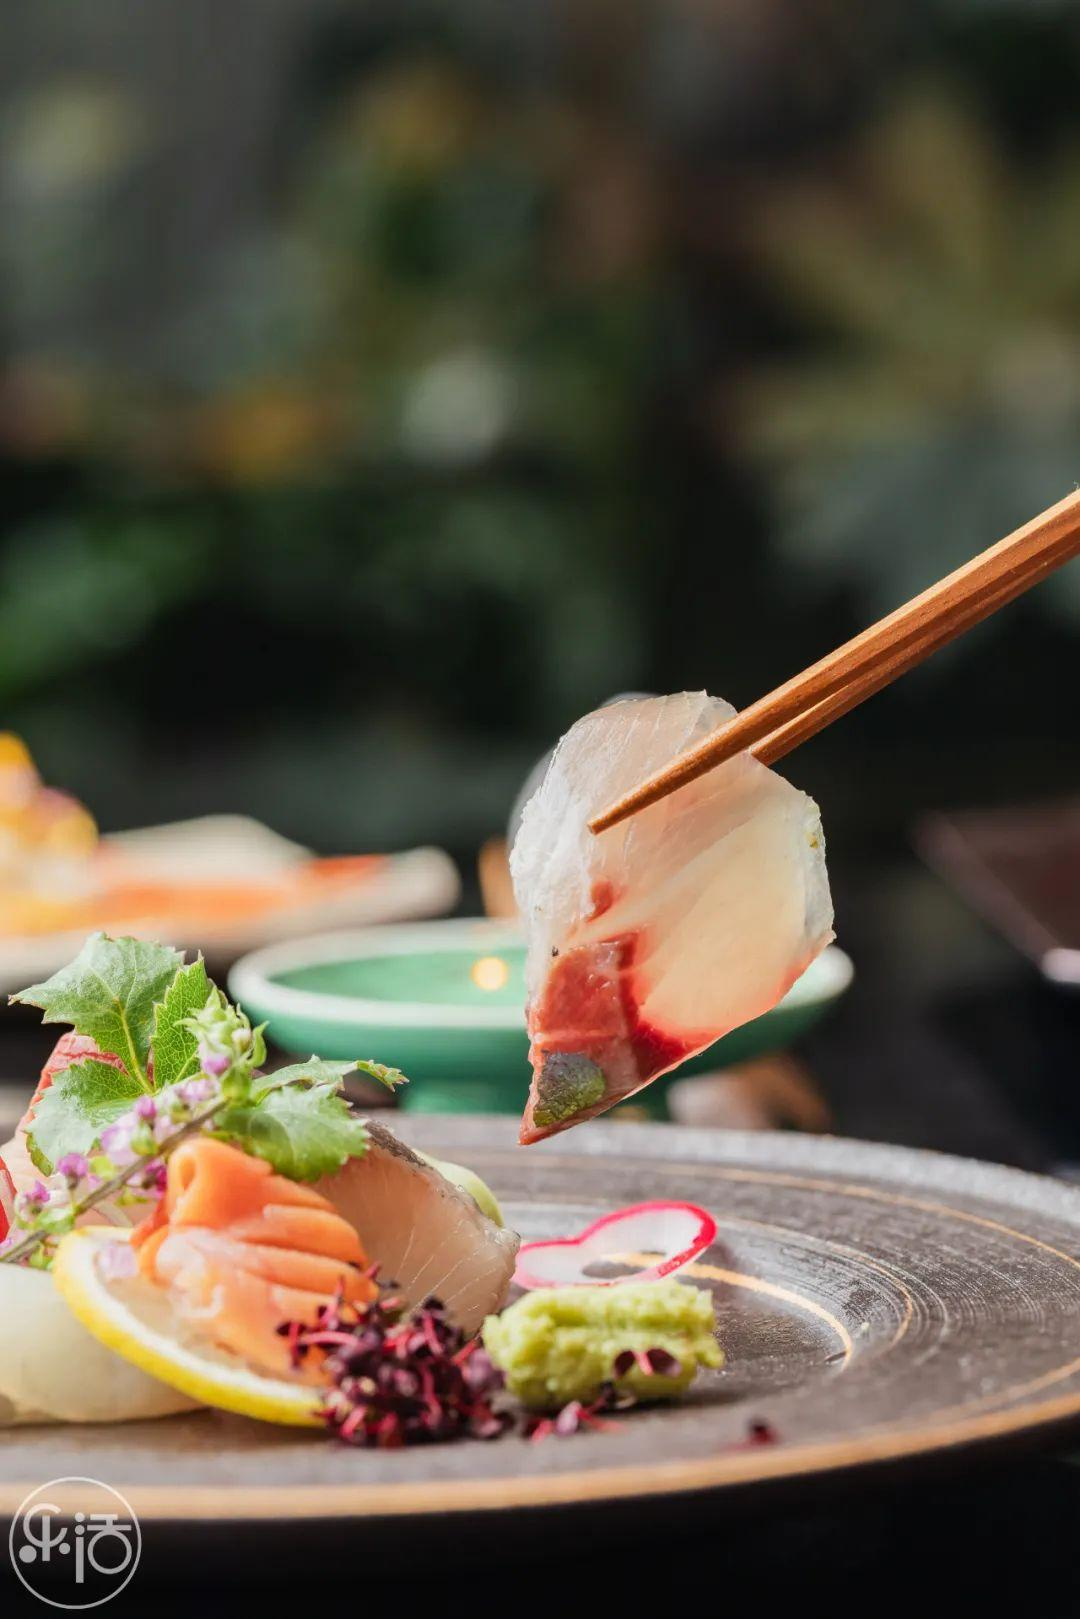 全杭州Zui大的会席料理店来袭!人均600元就能体验到的Top级日料,来自日本饮食文化的上等名流之选!(图36)